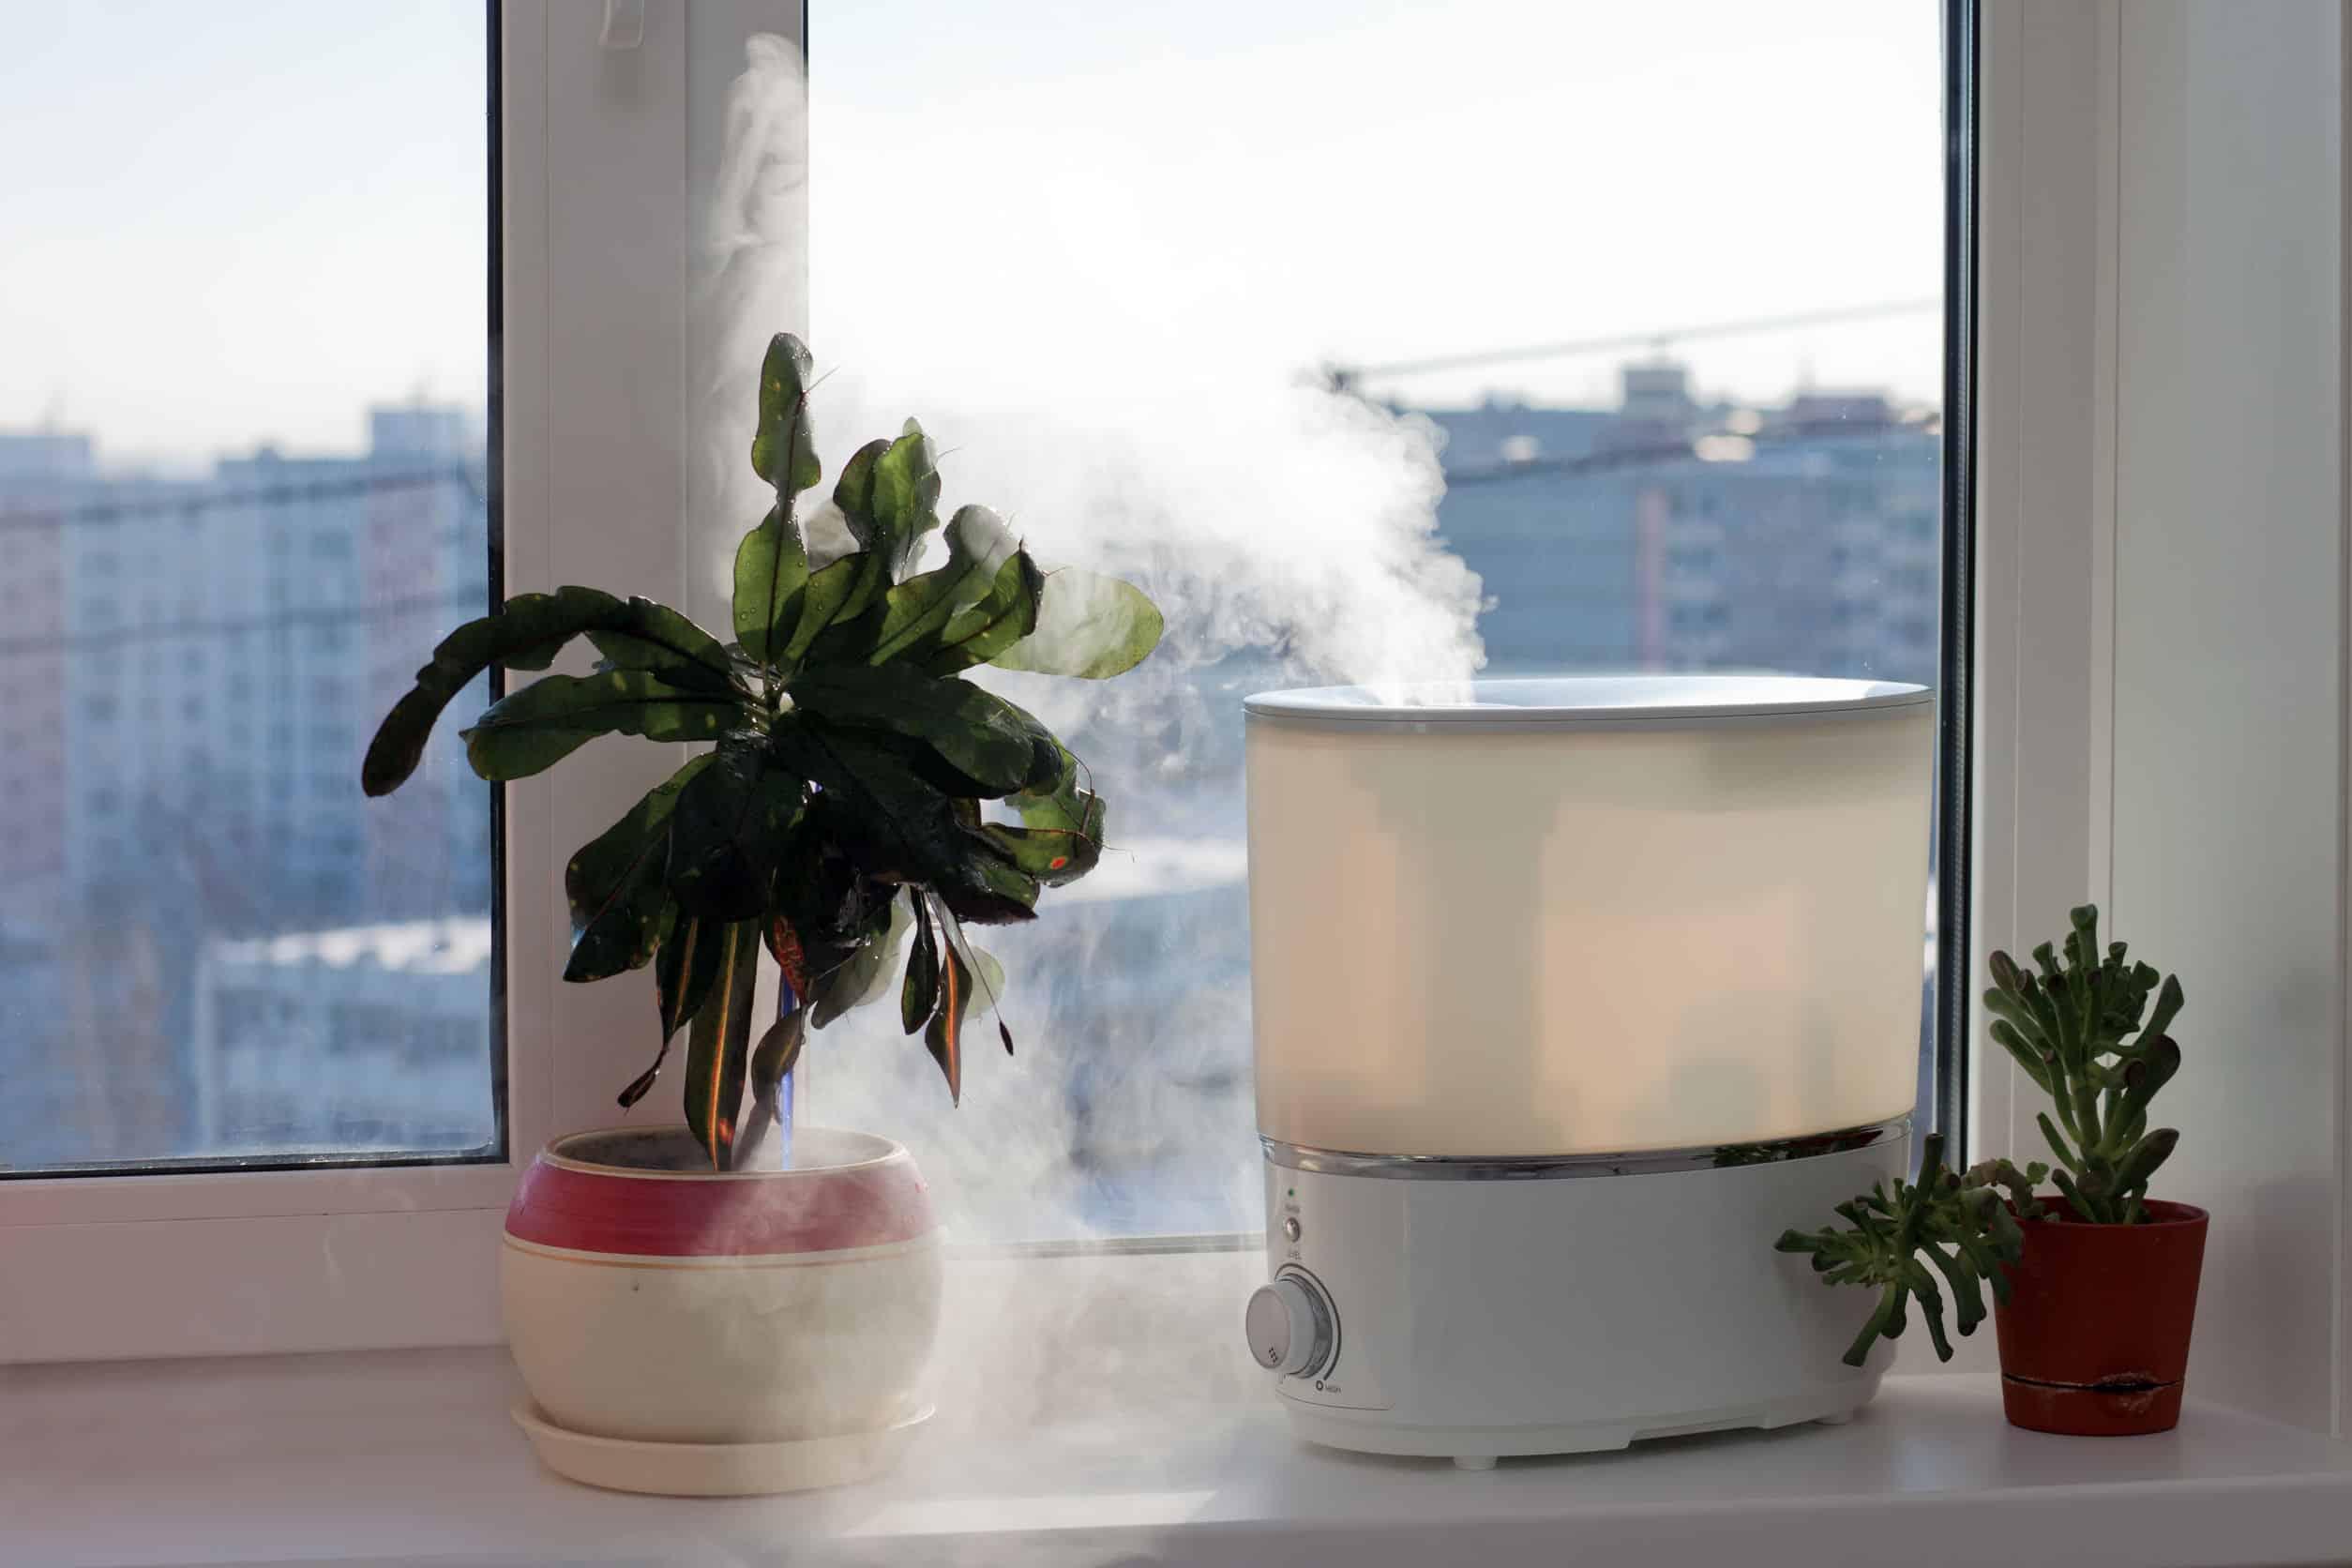 Umidificador de ar proximo a janela.